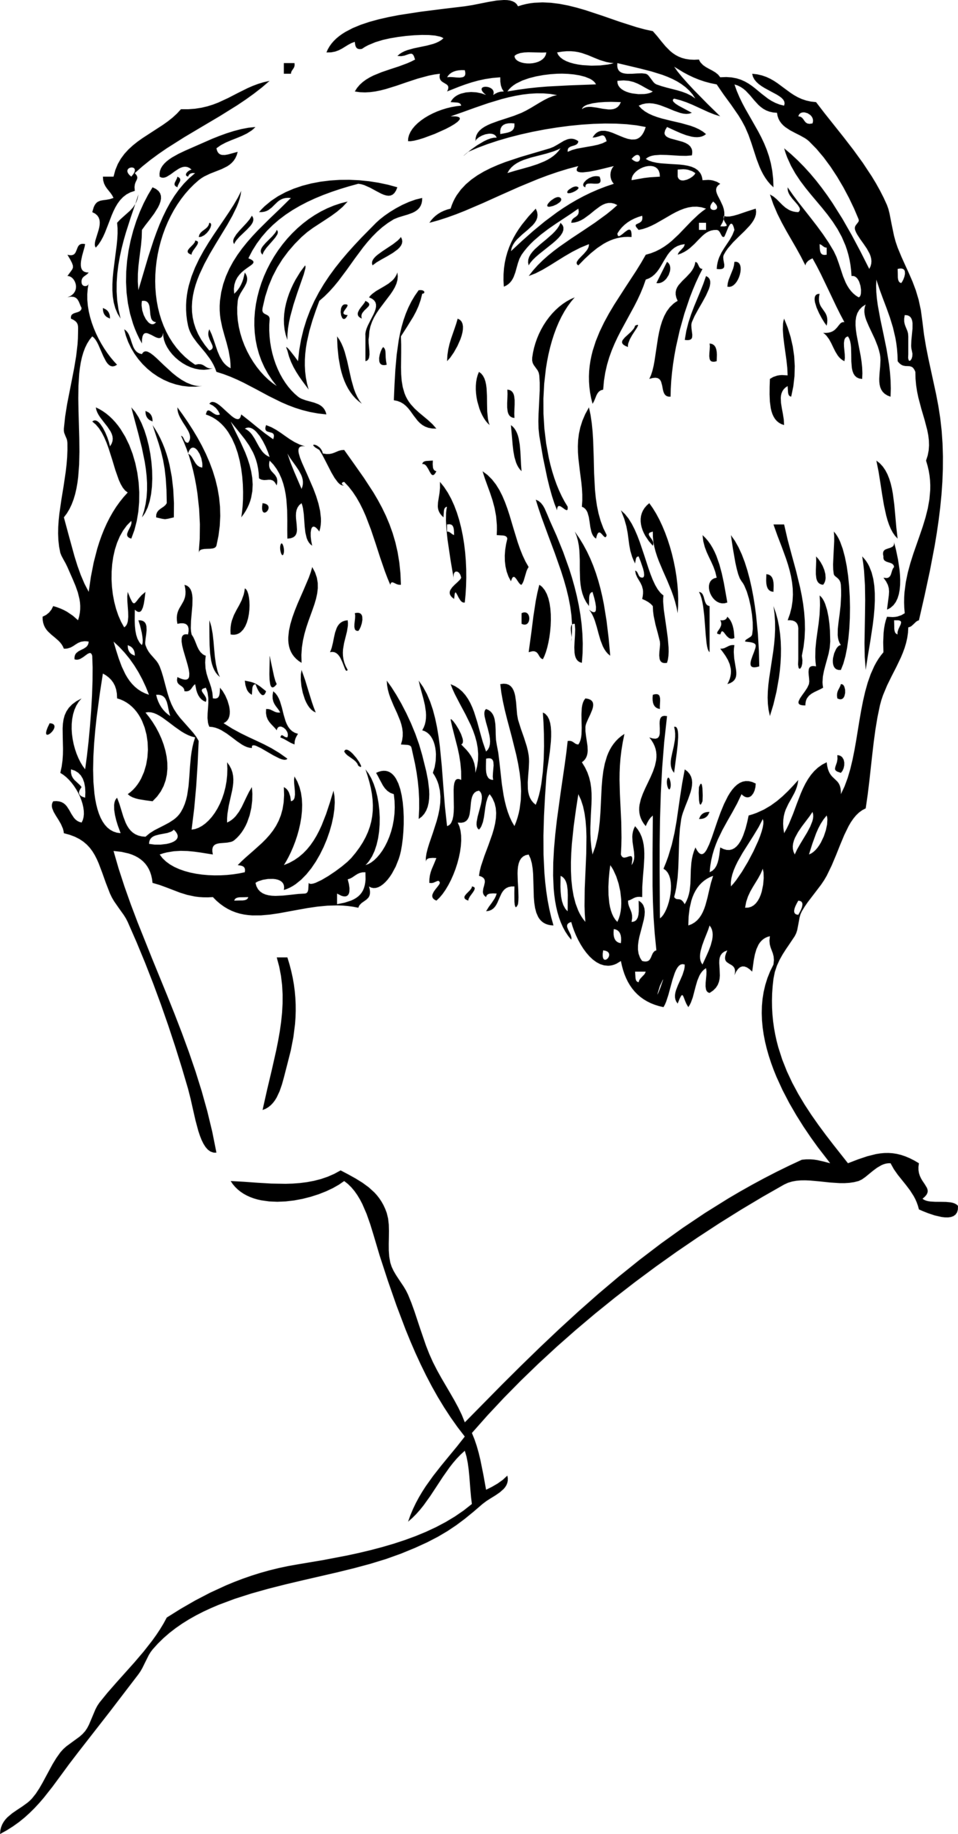 image transparent Public Domain Clip Art Image